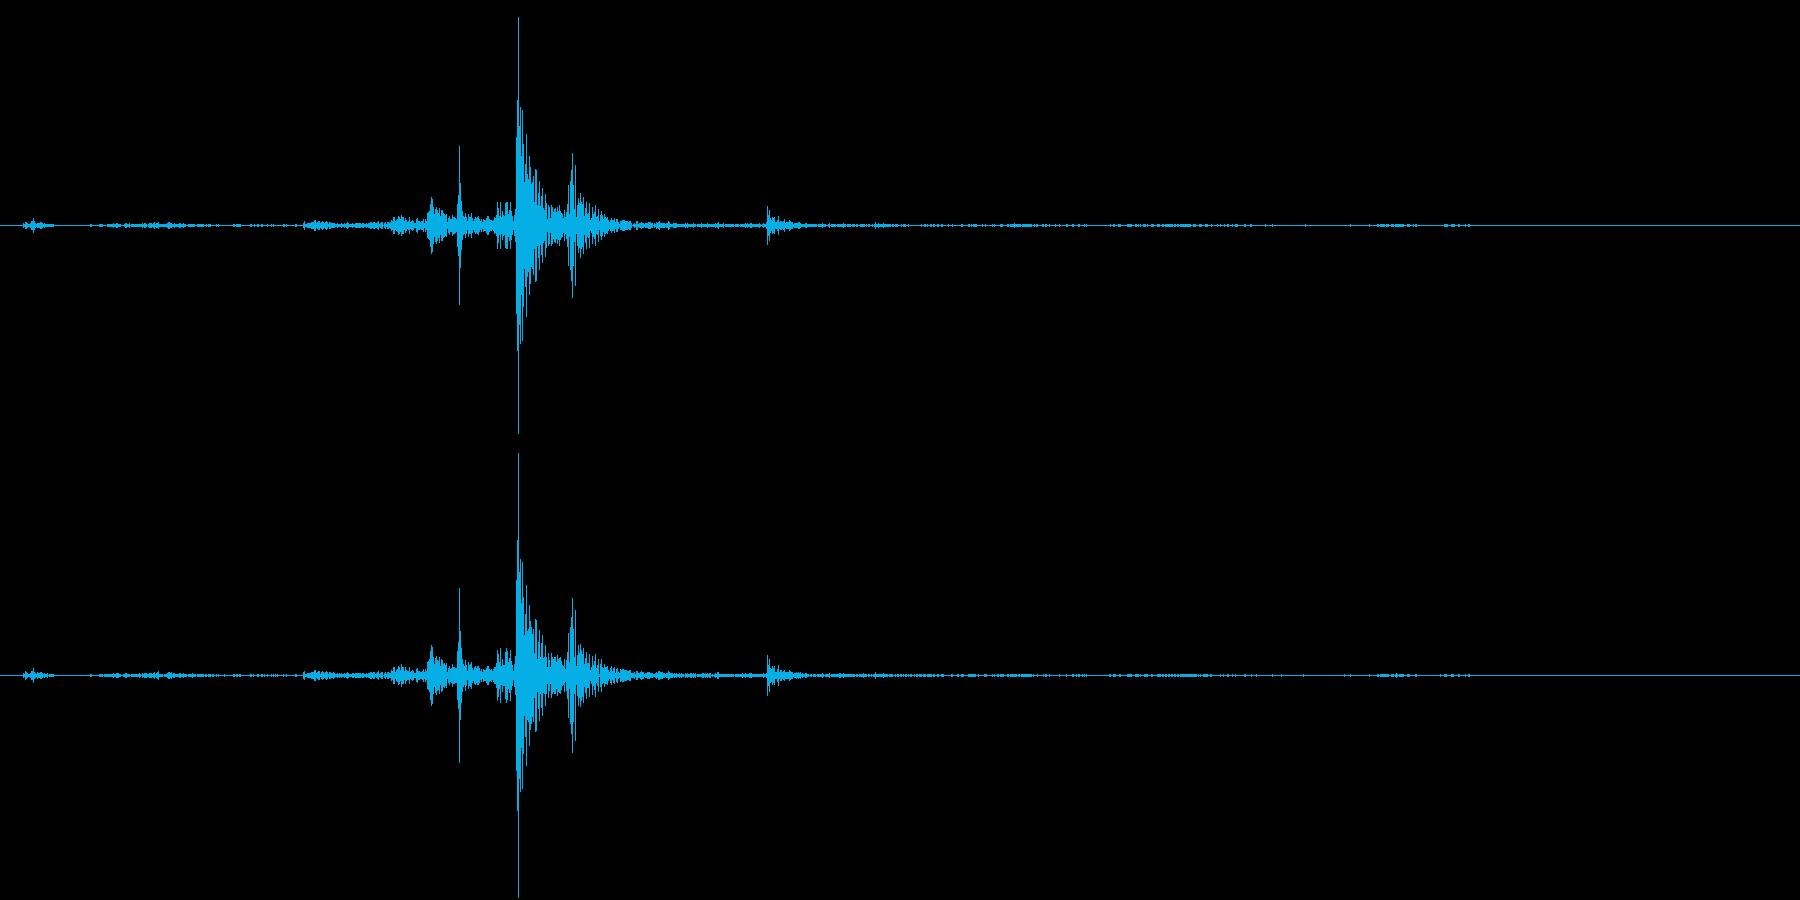 卵の殻が割れる音 噛む音の再生済みの波形